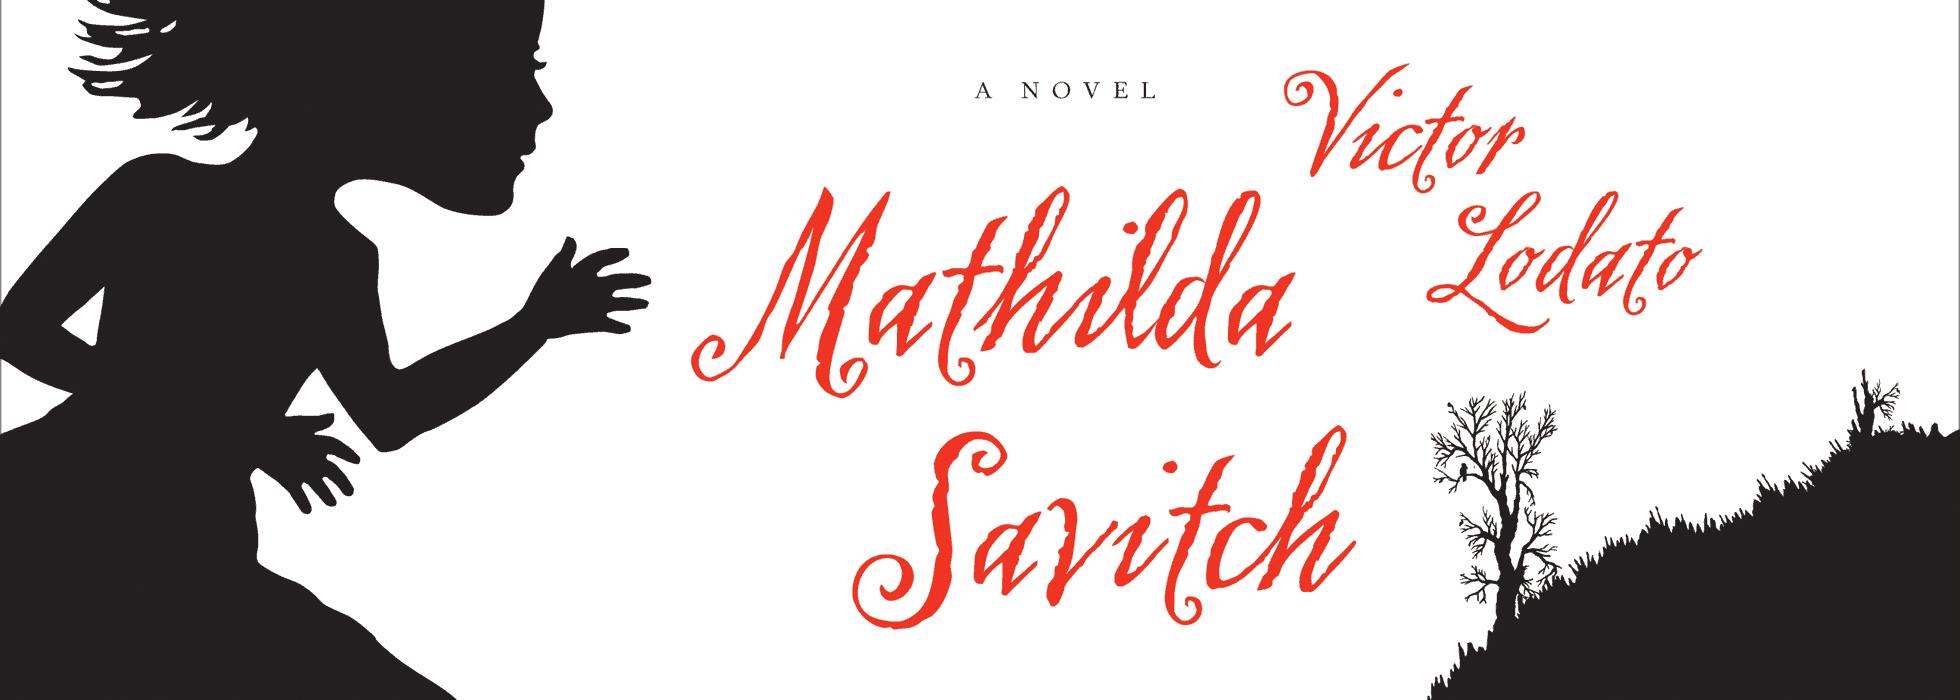 Mathilda Savitch by Victor Lodato